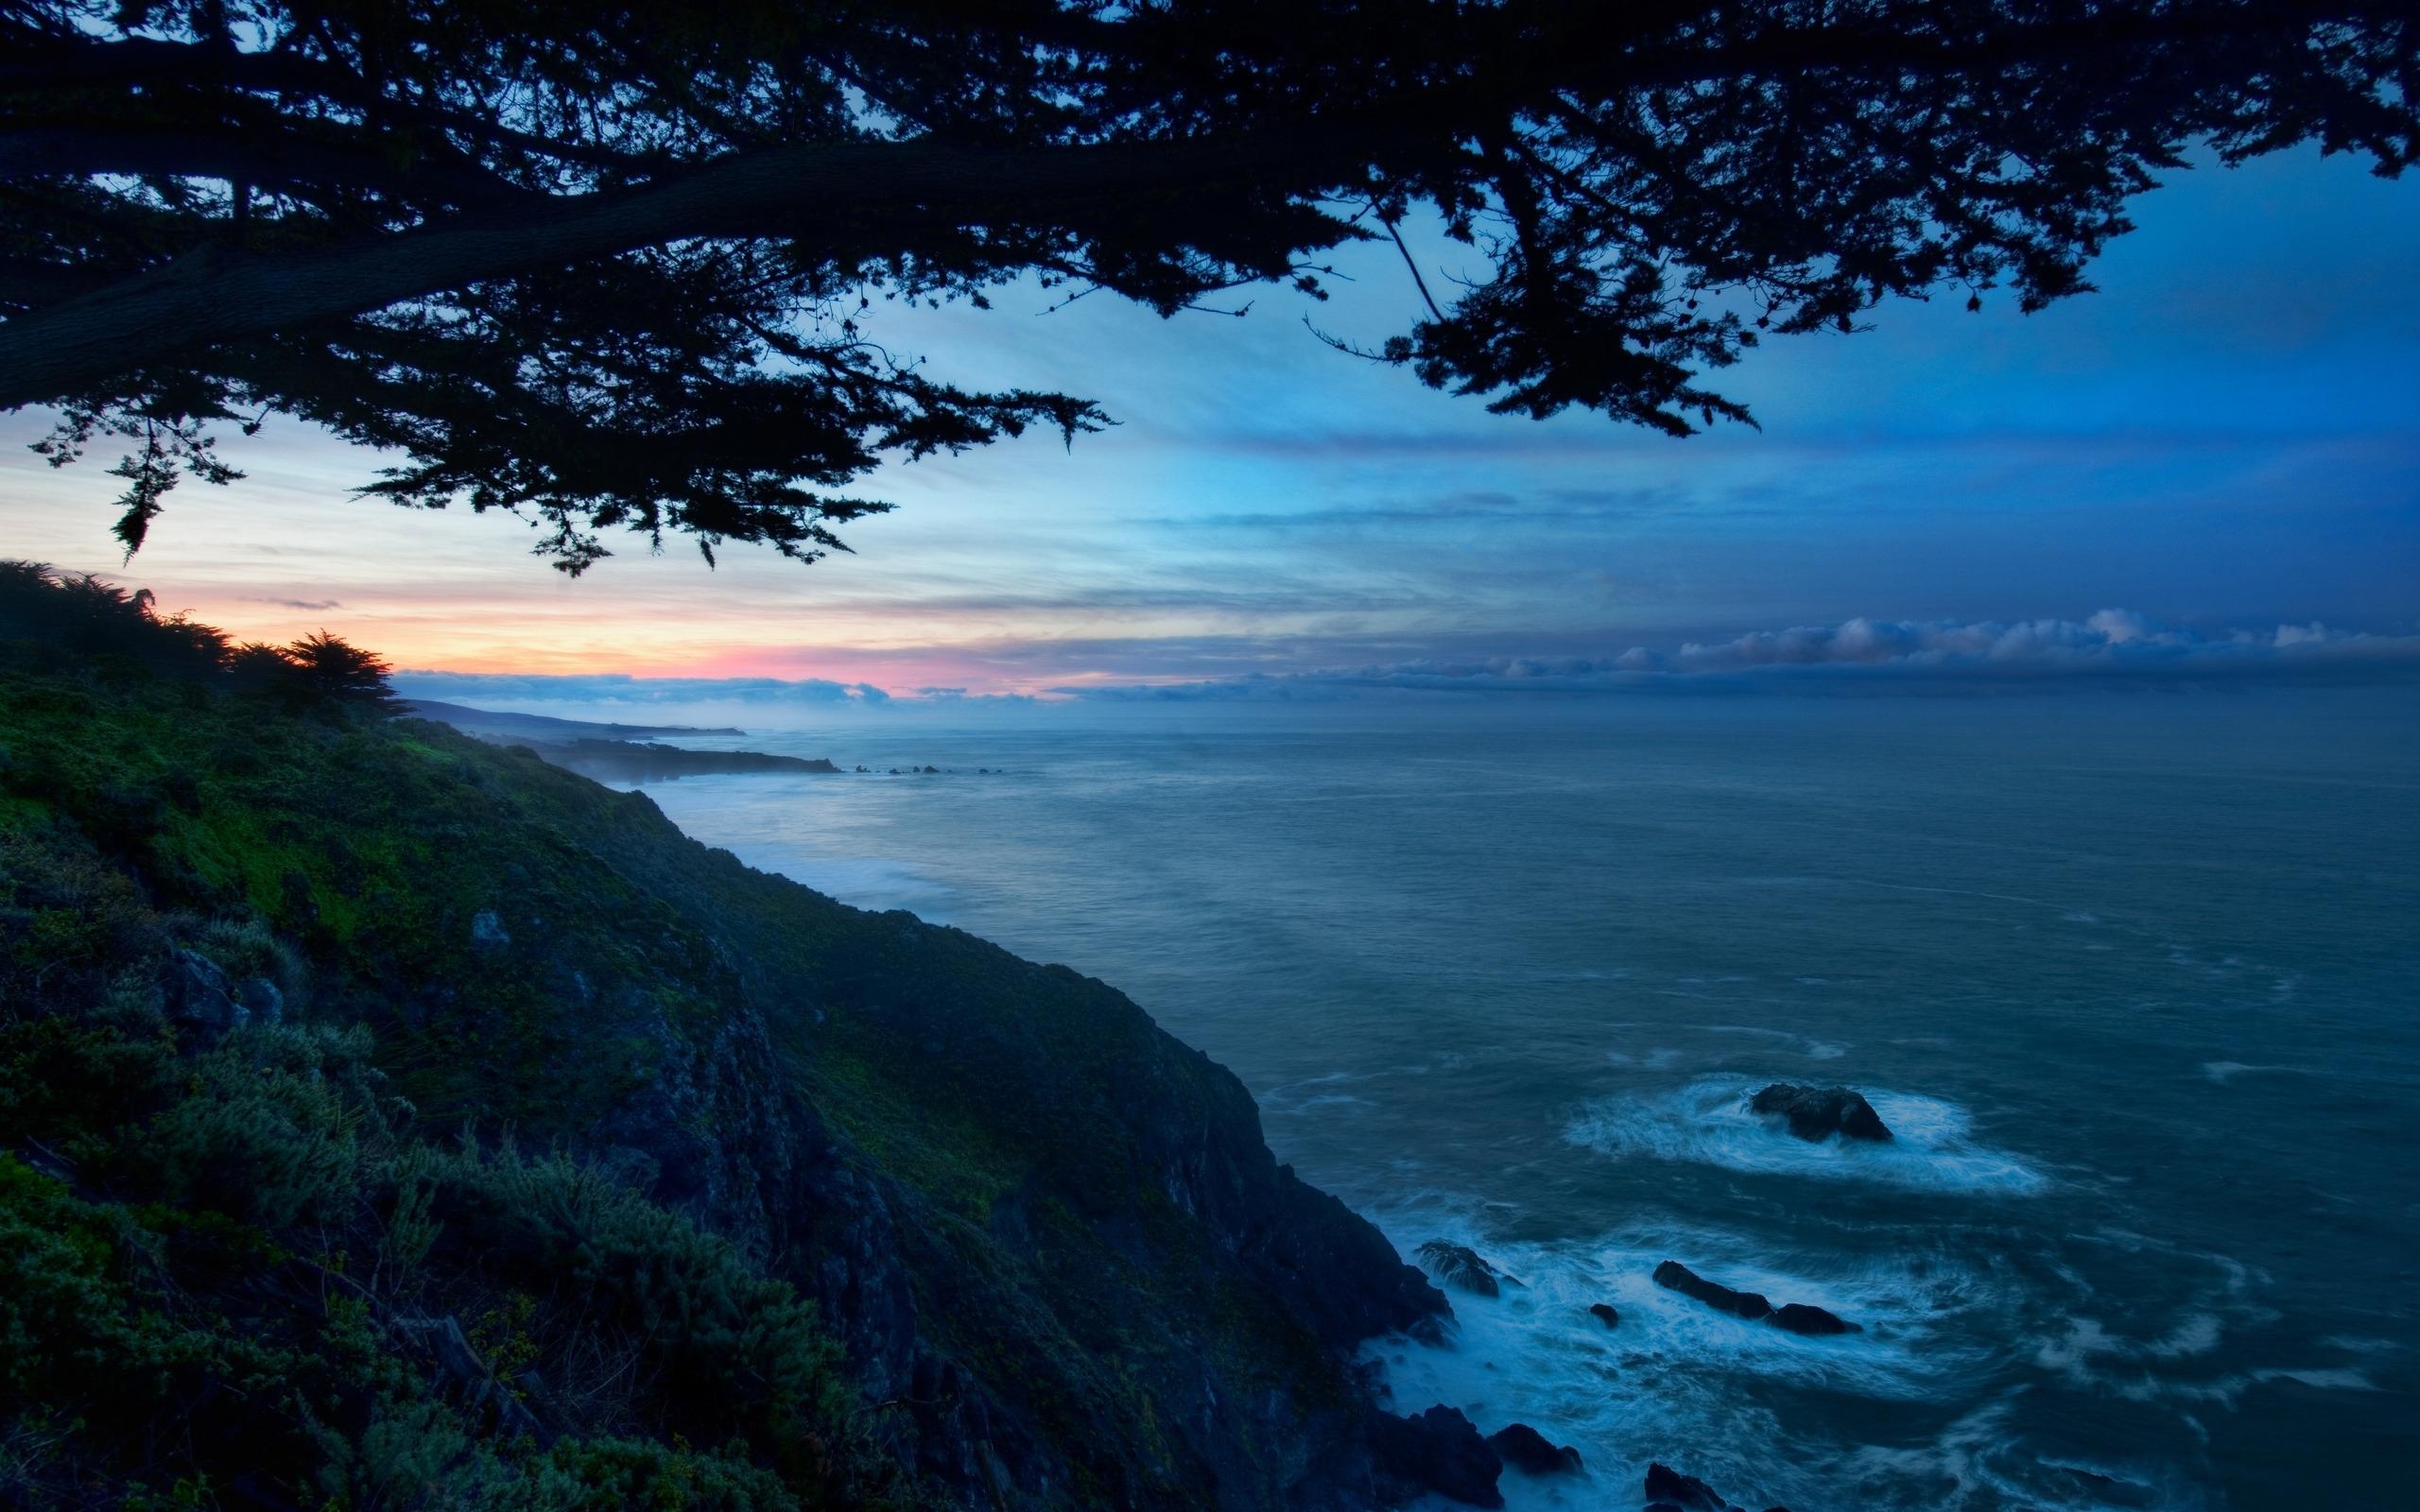 29519 скачать обои Пейзаж, Море - заставки и картинки бесплатно